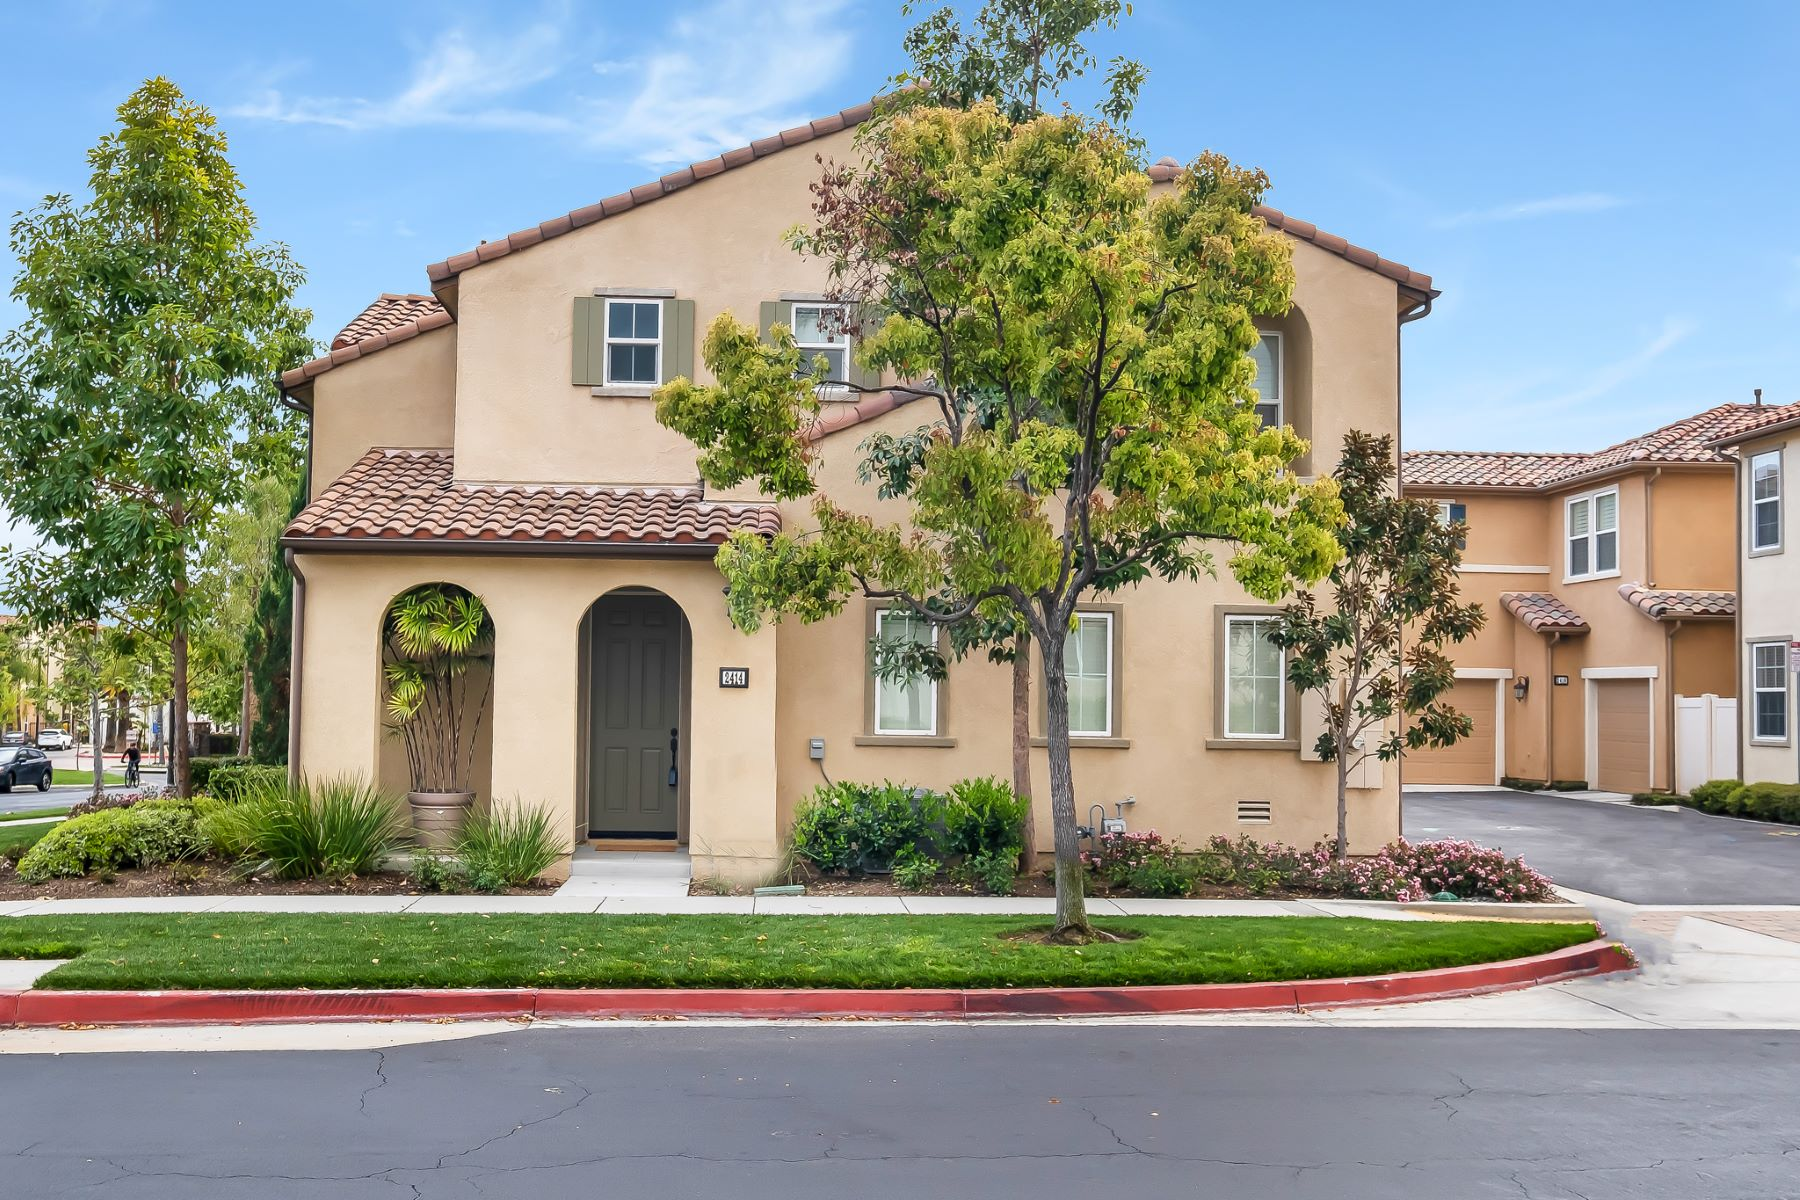 Single Family Homes para Venda às 2414 Trojan Way, Upland, California 91786 Upland, Califórnia 91786 Estados Unidos